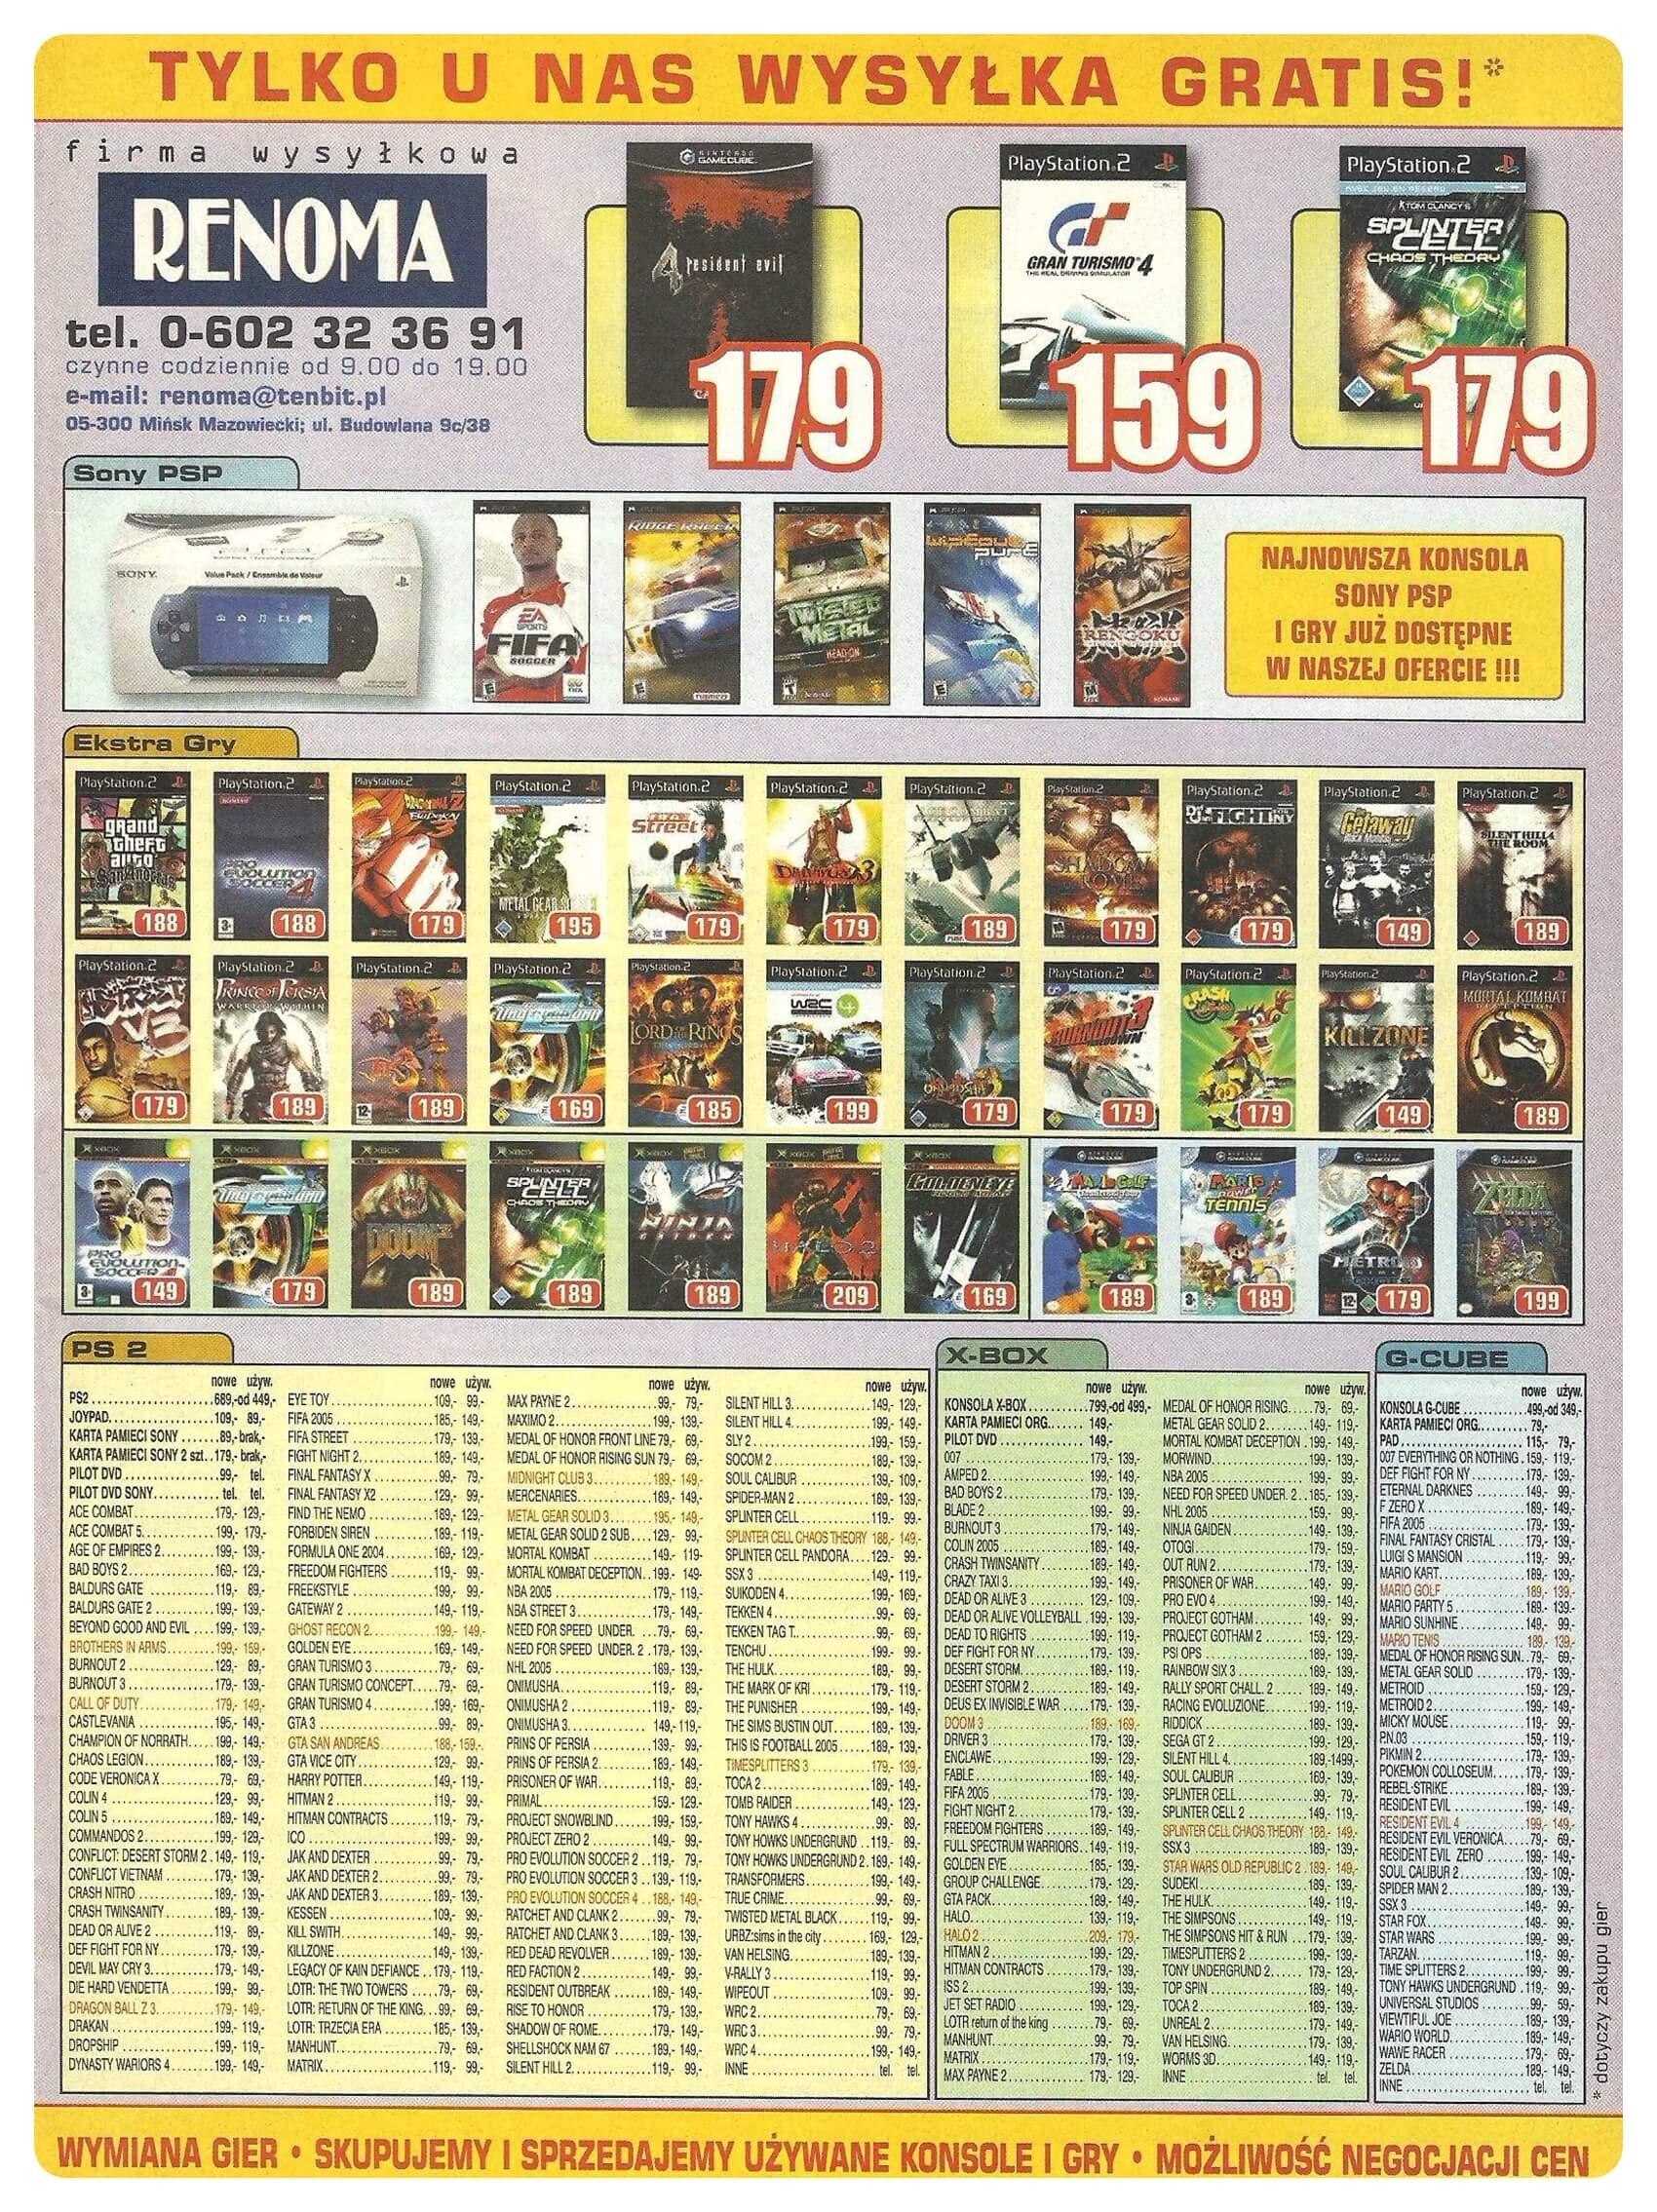 Neo Plus nr 077 20059q4 - Jak wyglądały ceny różnych konsol w Polsce w latach 1996-2006?